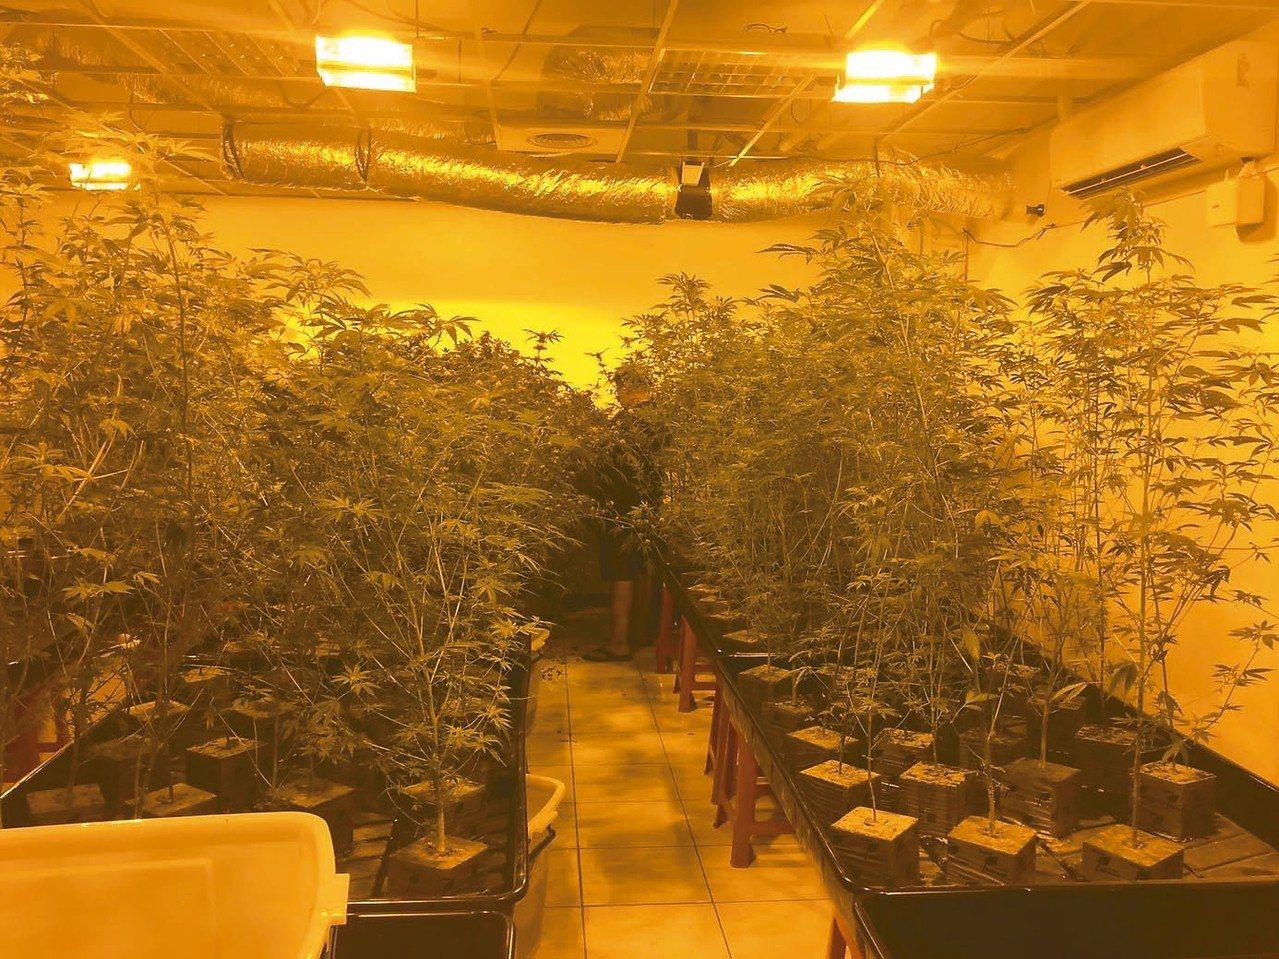 被查獲的大麻栽種場愈來愈多,但栽種大麻需要的水、電開銷不少,也有人「養不下去」。...